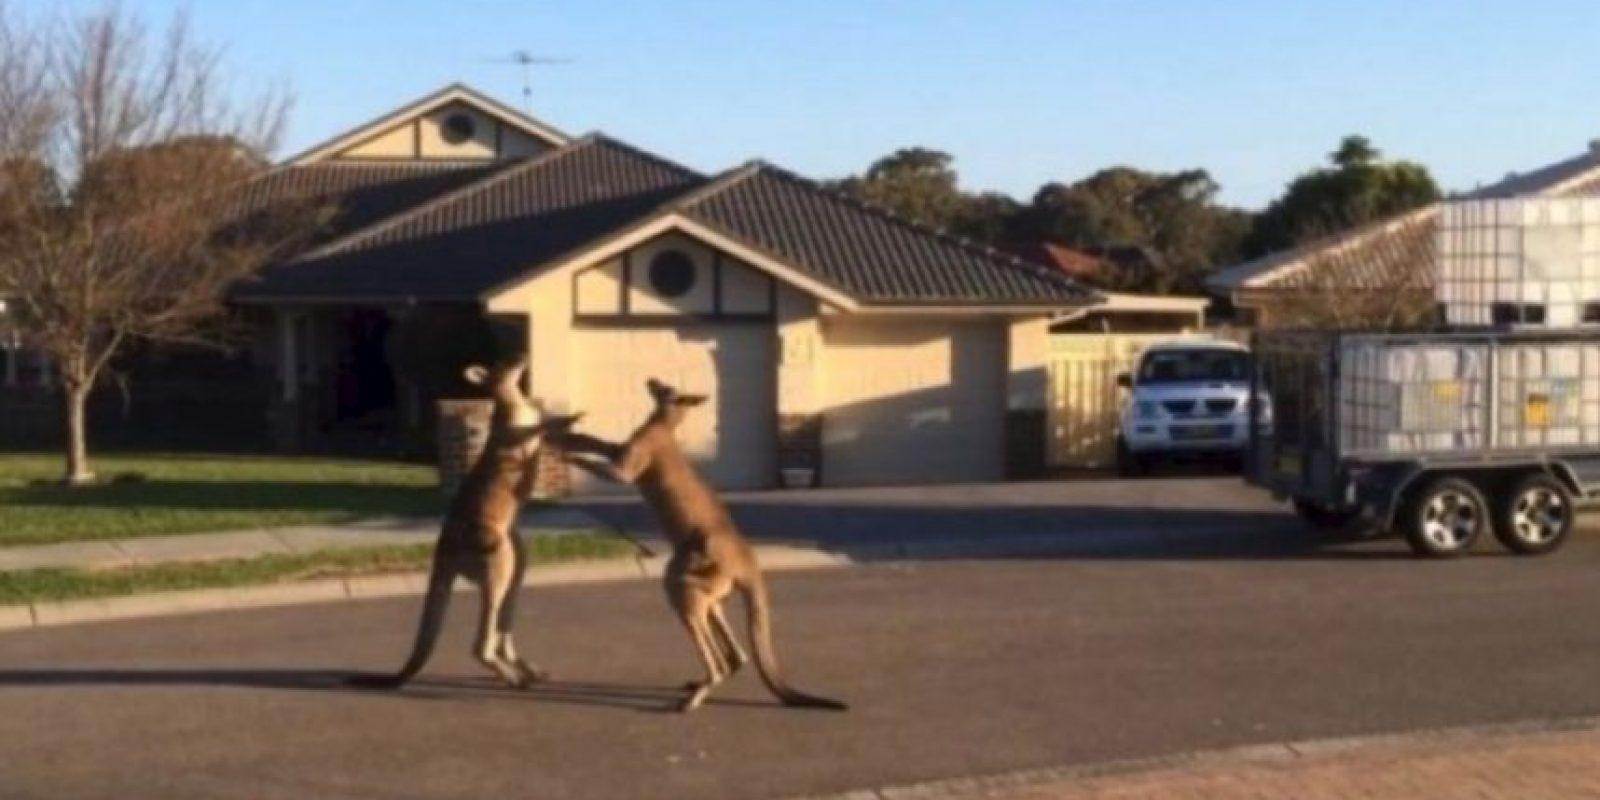 Un pareja de canguros fueron grabados mientras sostenían una insólita pelea callejera en el estado de Nueva Gales del Sur, en Australia Foto:YouTube-Archivo. Imagen Por: